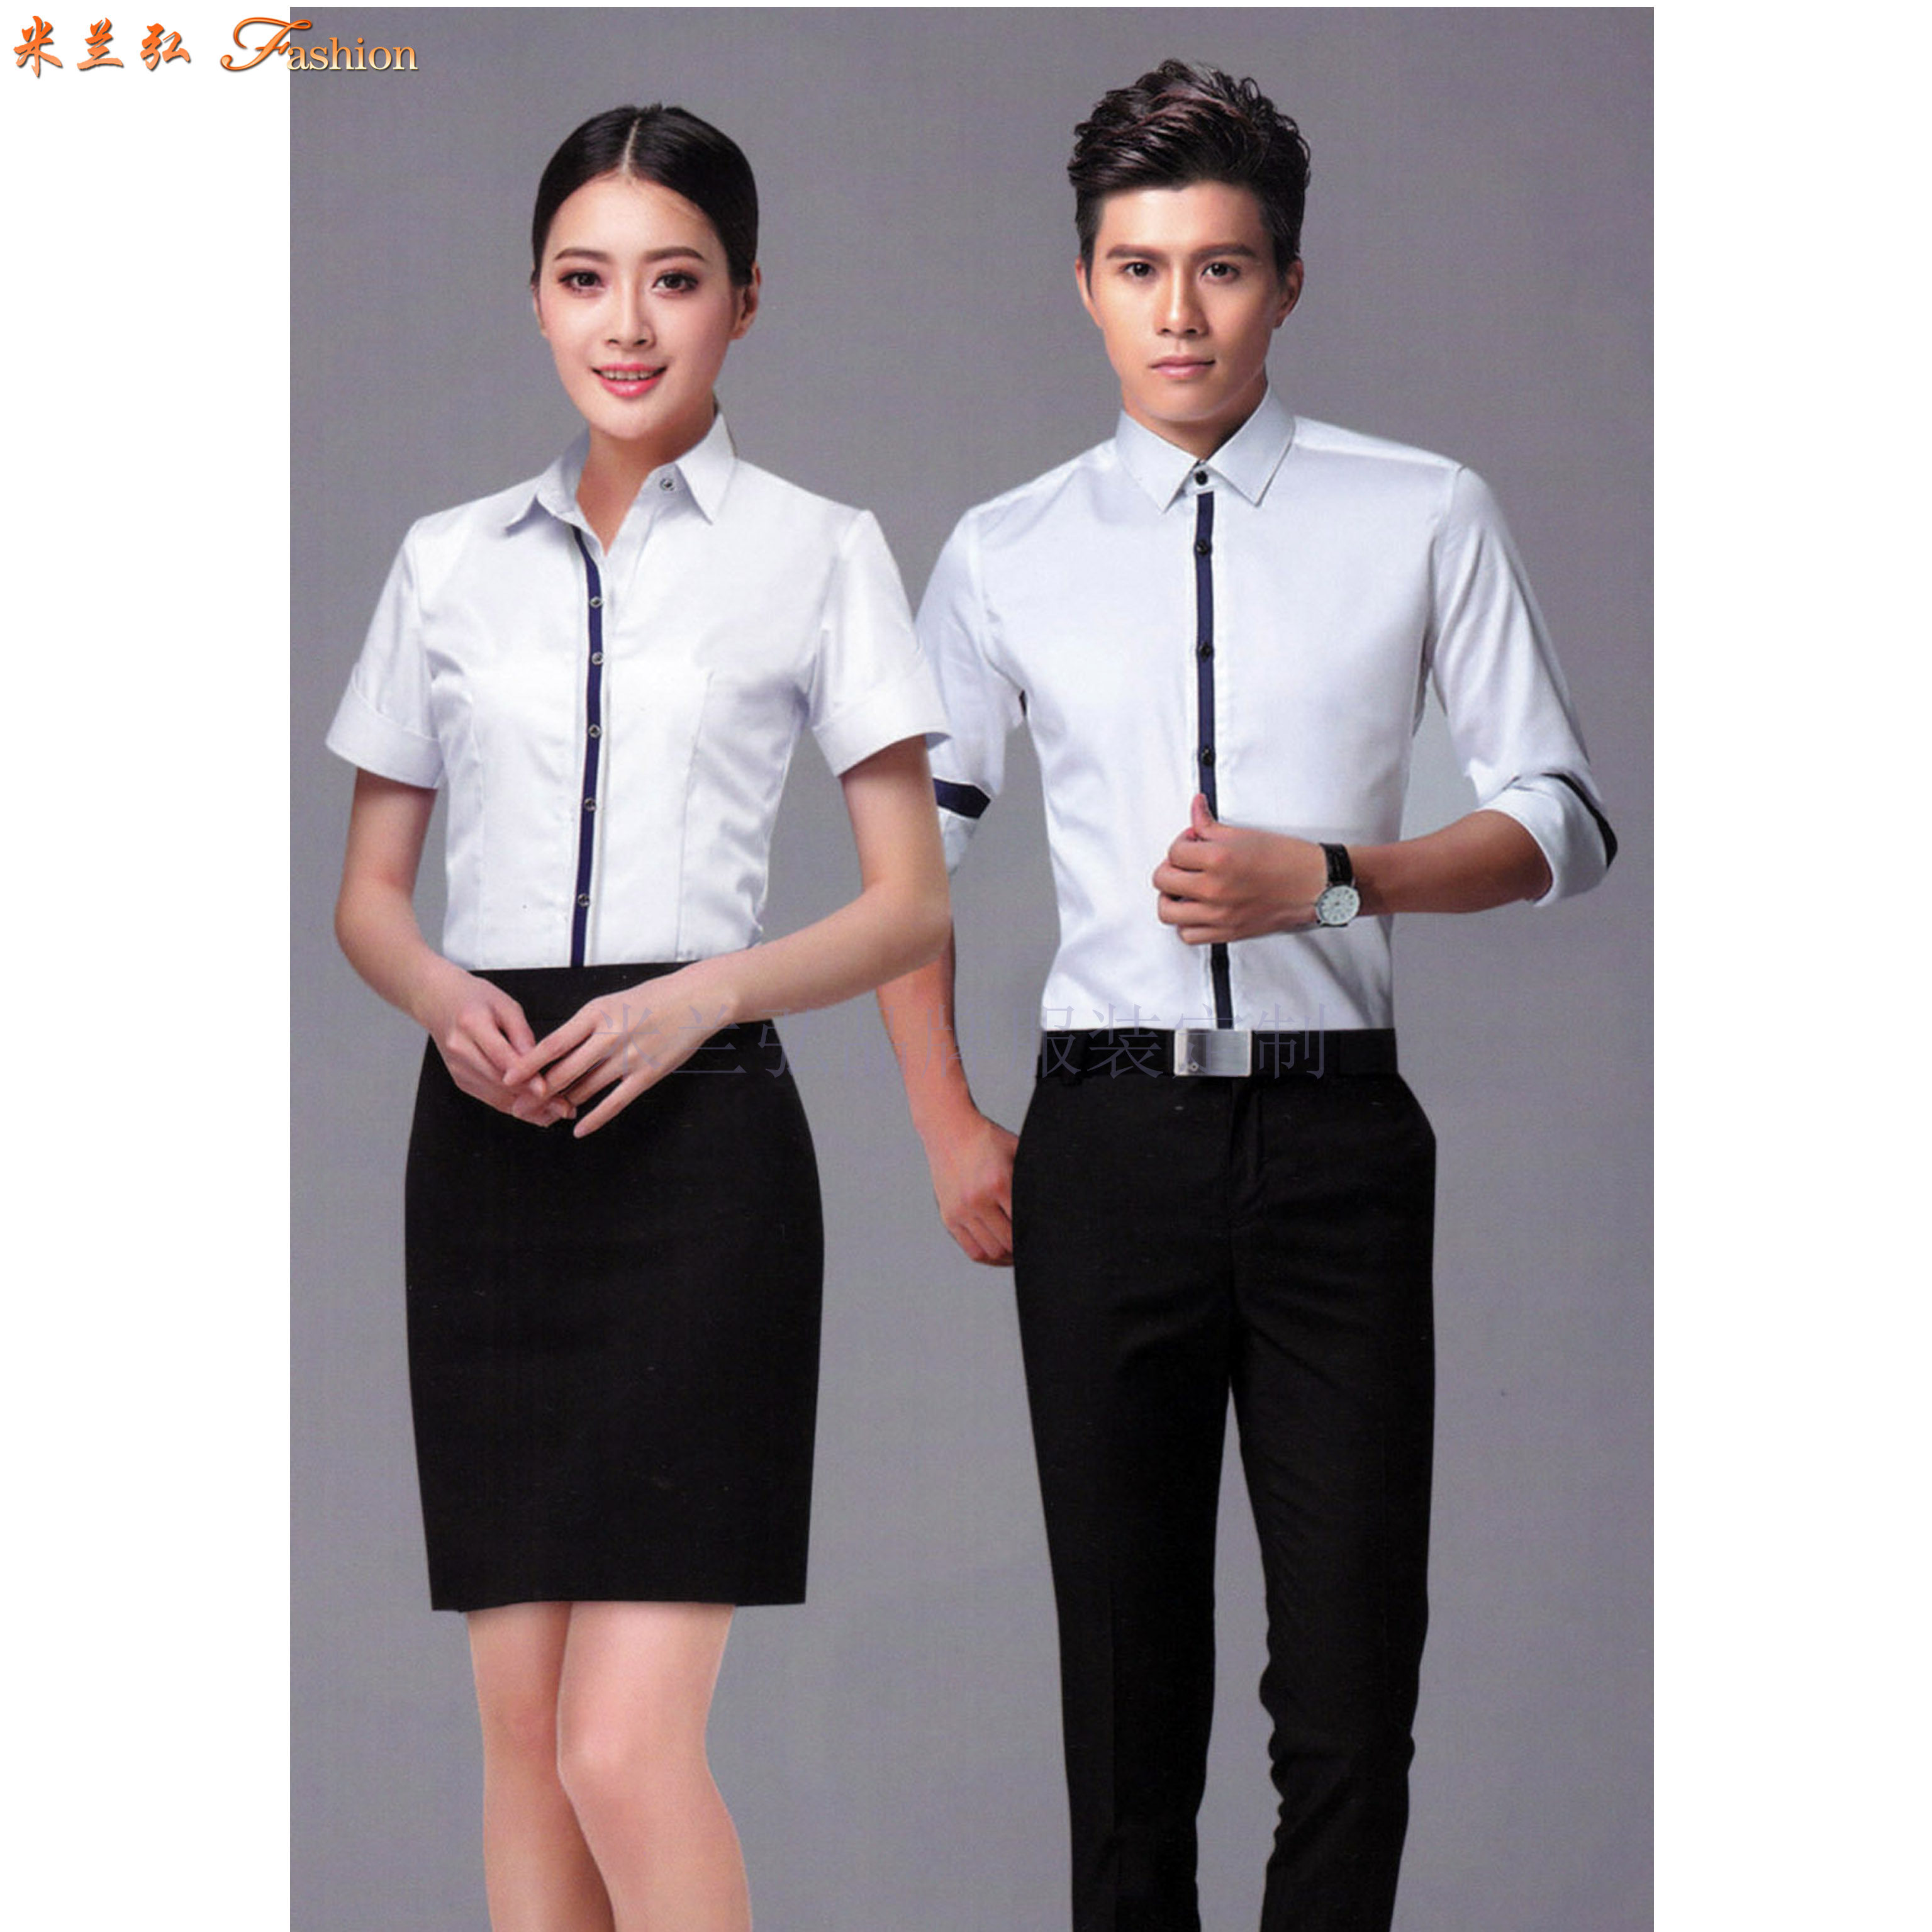 「男式衬衫订制」「女士衬衫定做」工作服衬衫定制工厂-米兰弘-5